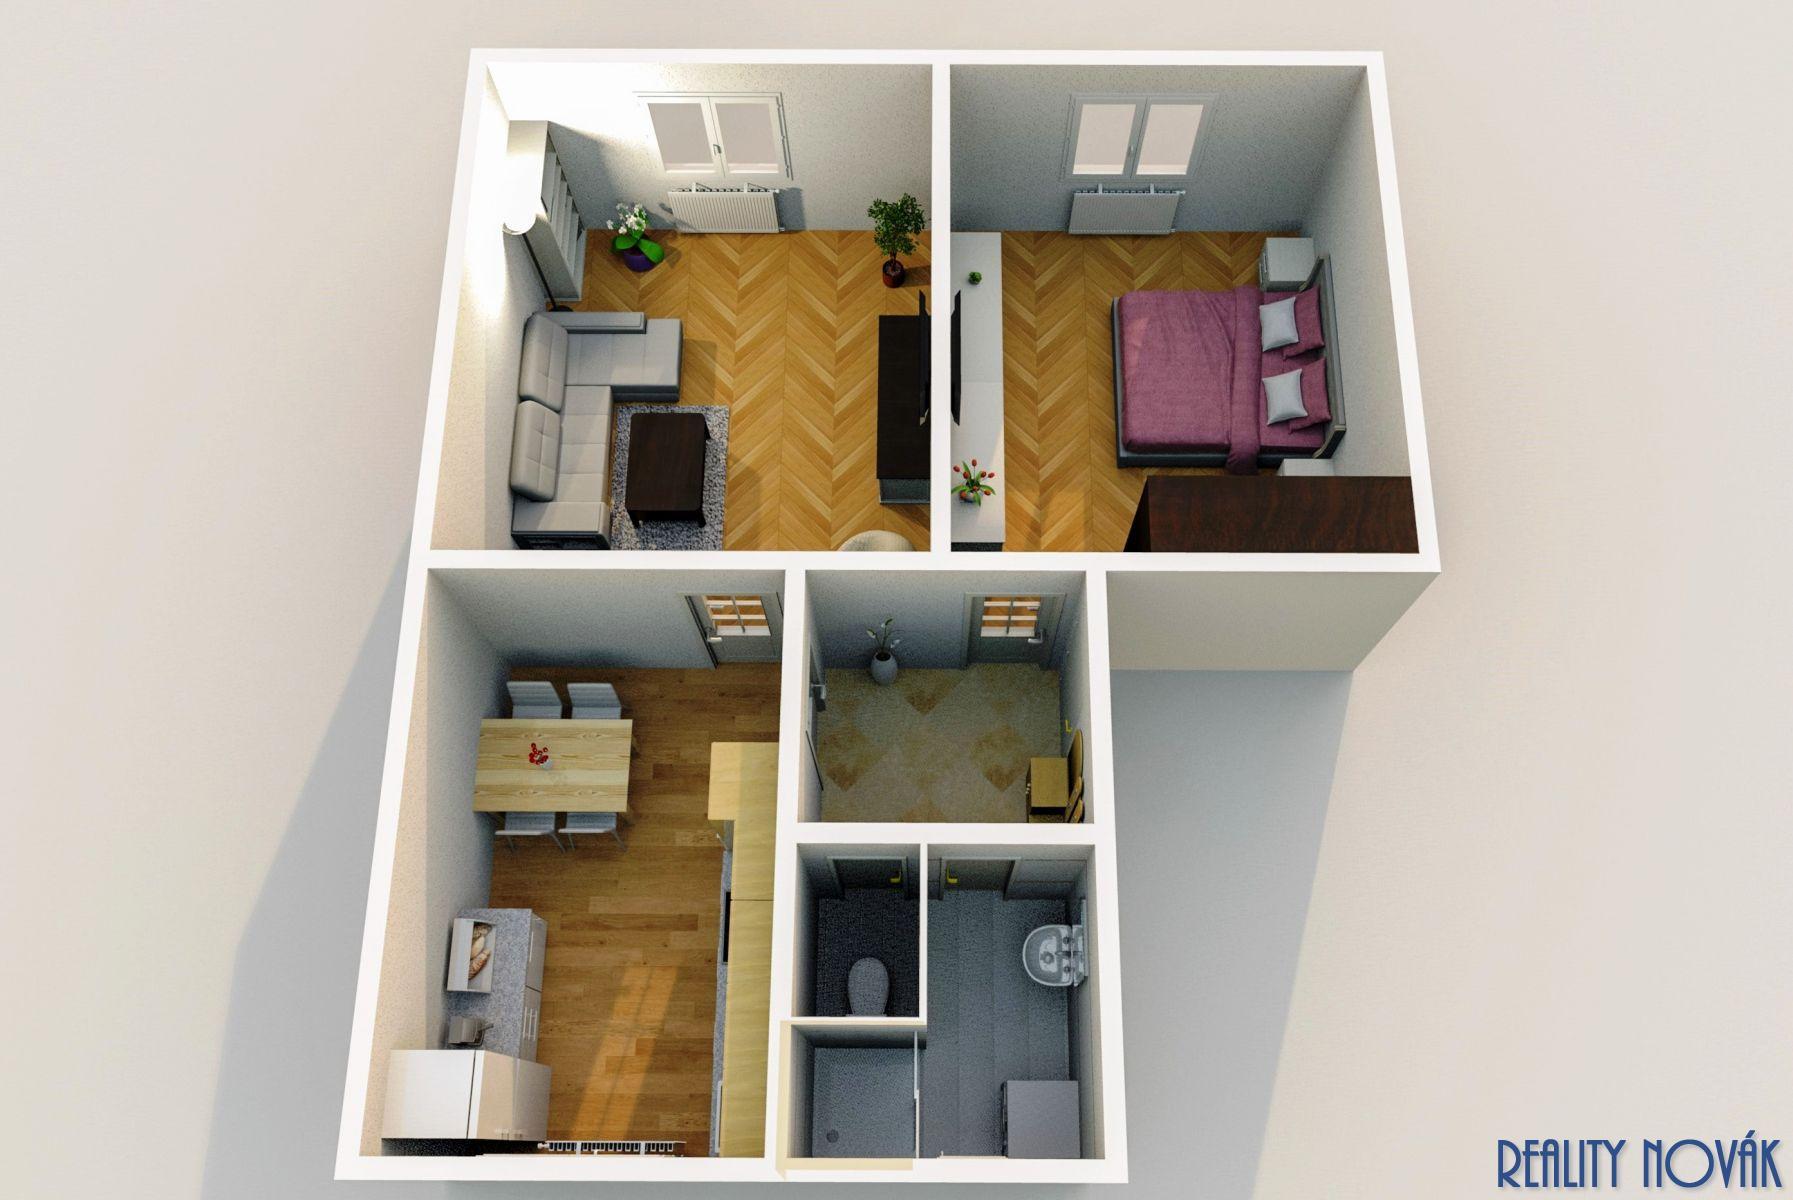 prodej bytu 2+1 s garáží a zahradou, Praha 9 - Prosek